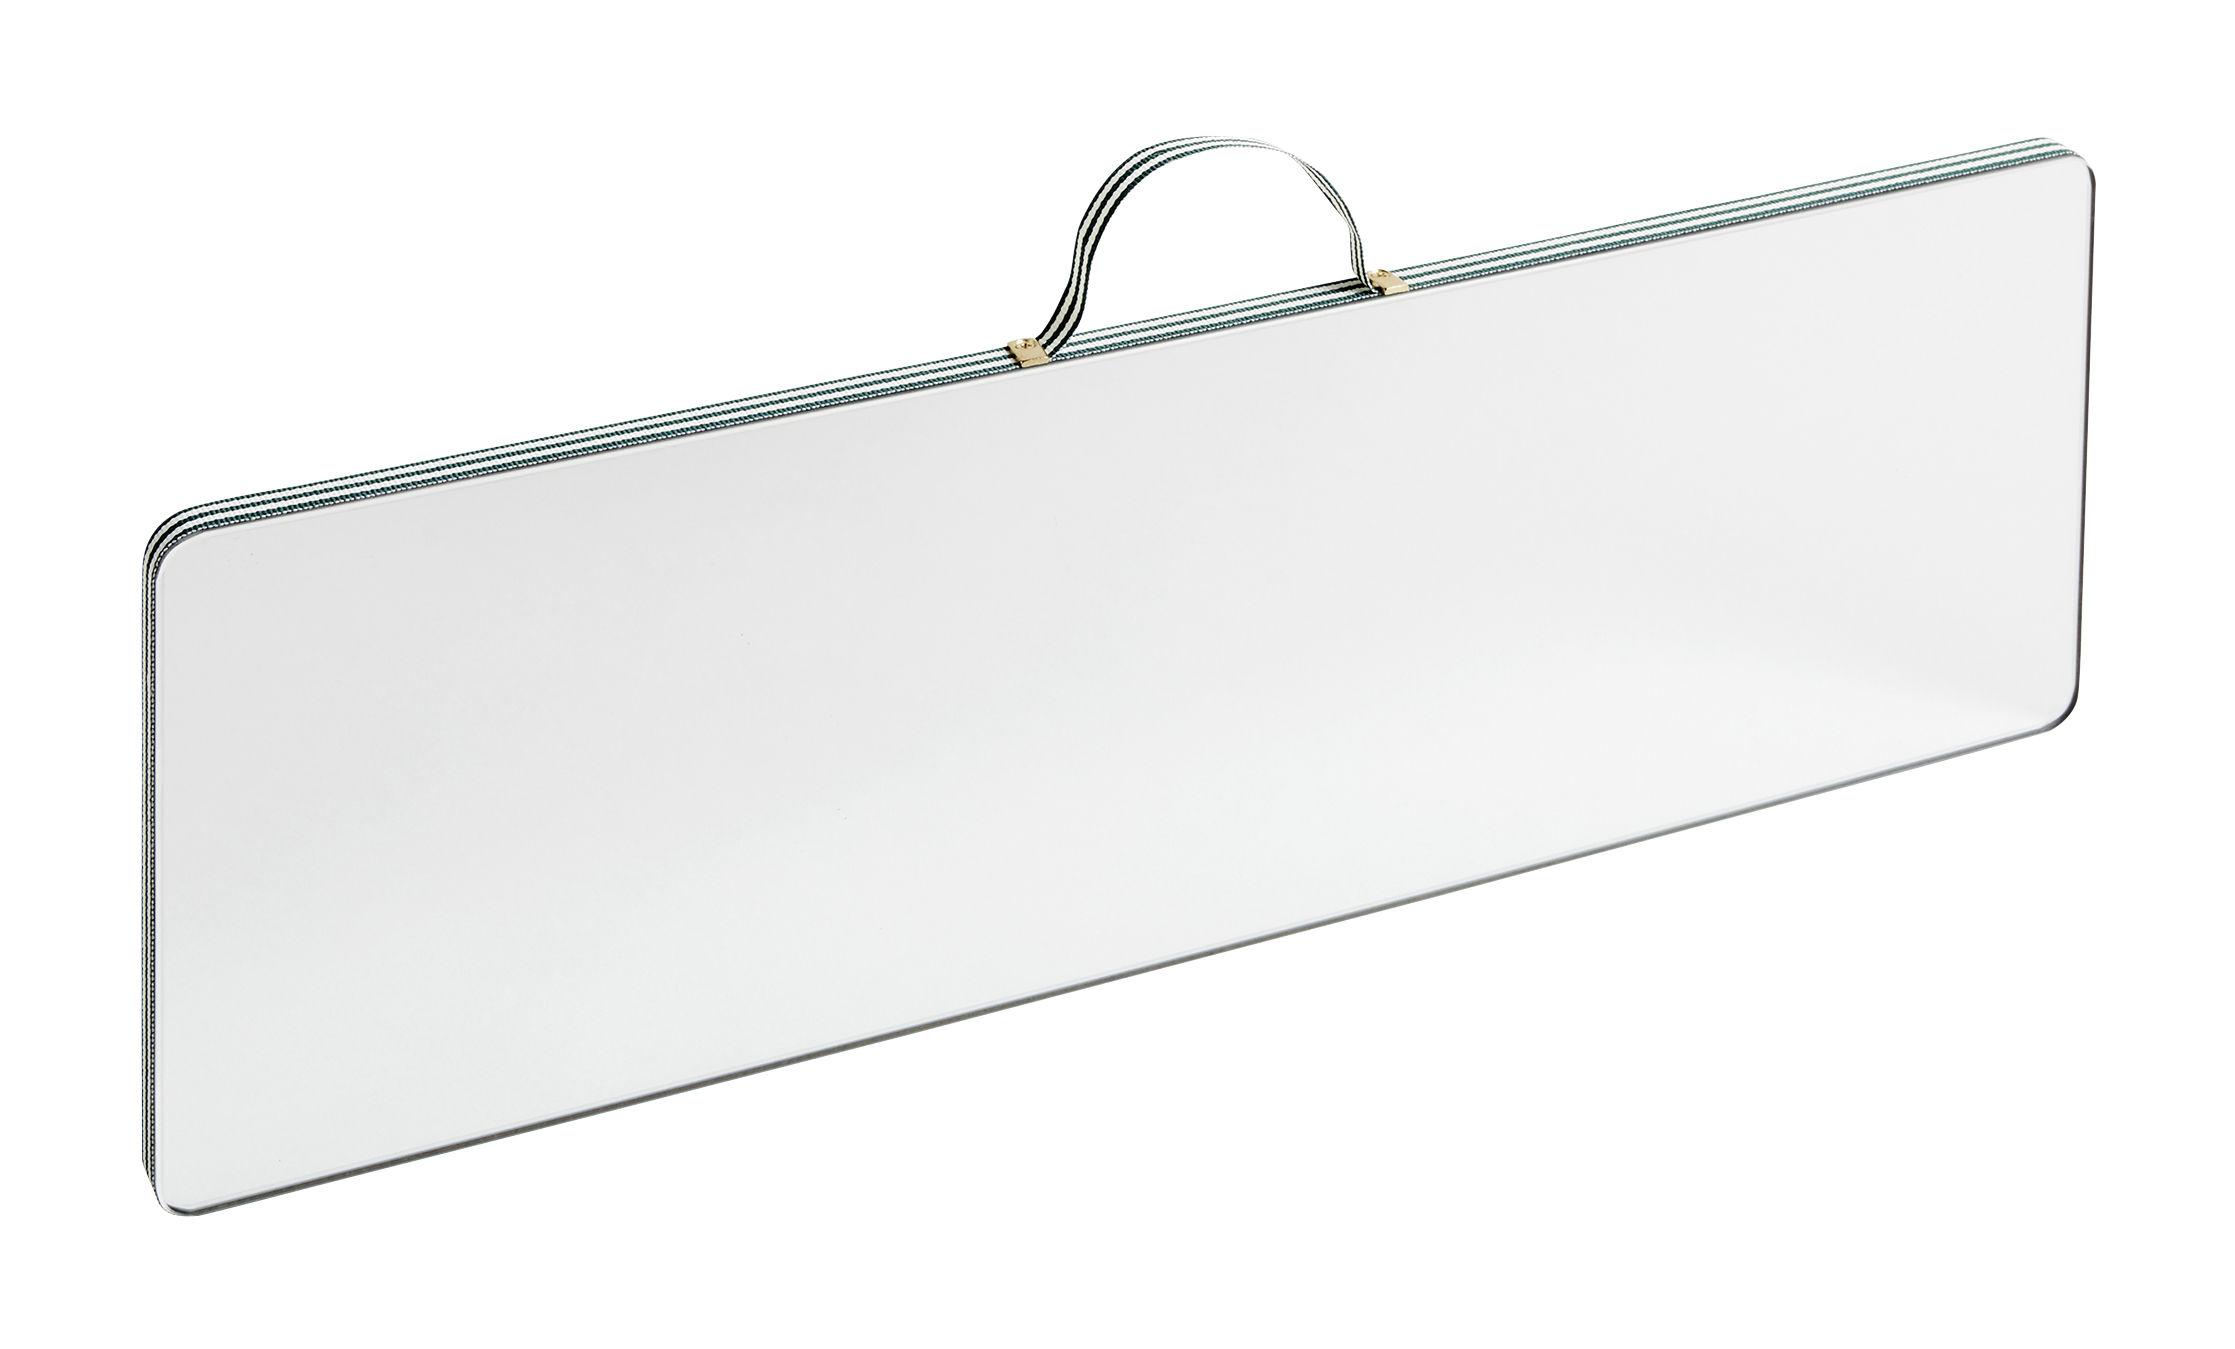 Déco - Miroirs - Miroir mural Ruban Large / Rectangle - L 43,5 x H 13,5 cm - Hay - Rayures vertes - Contreplaqué de chêne, Laiton, Tissu polyester, Verre